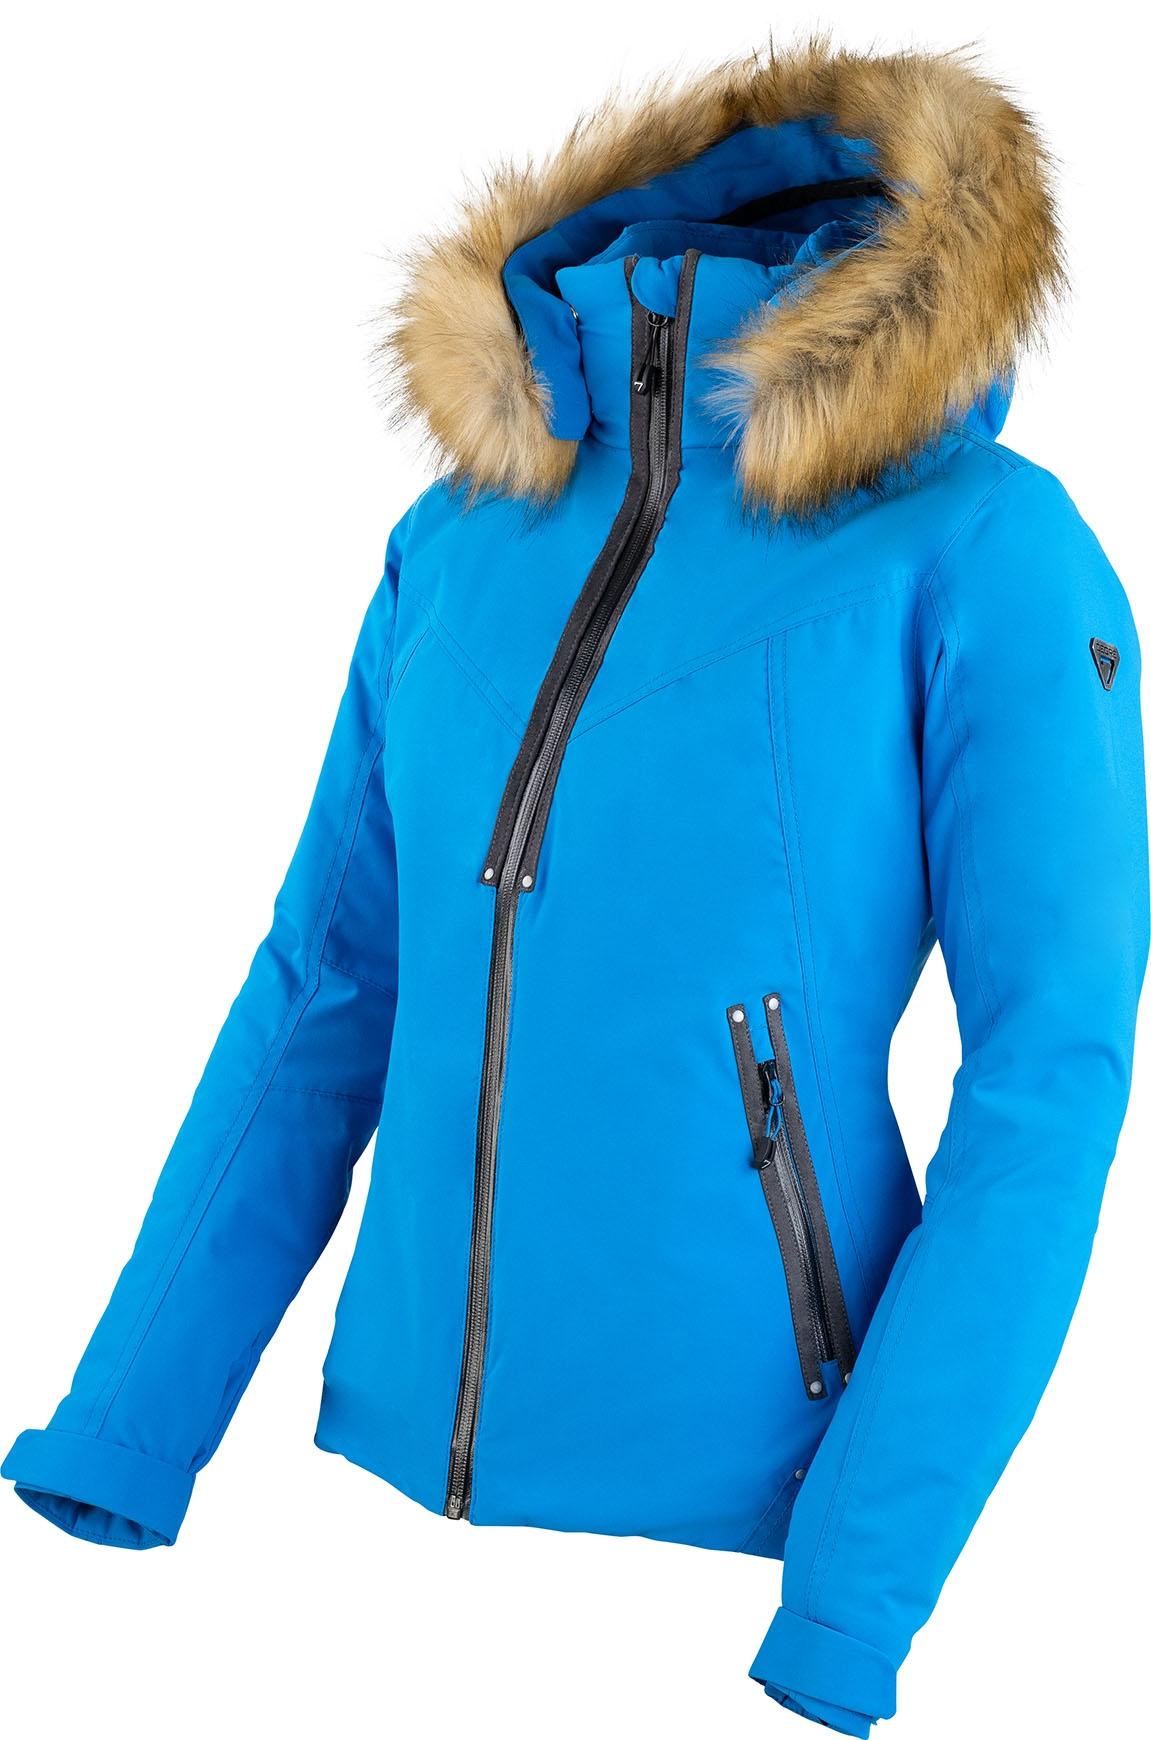 DEGRE 7 Blouson Ski Geod Femme Degre7 44 Bleu Marine